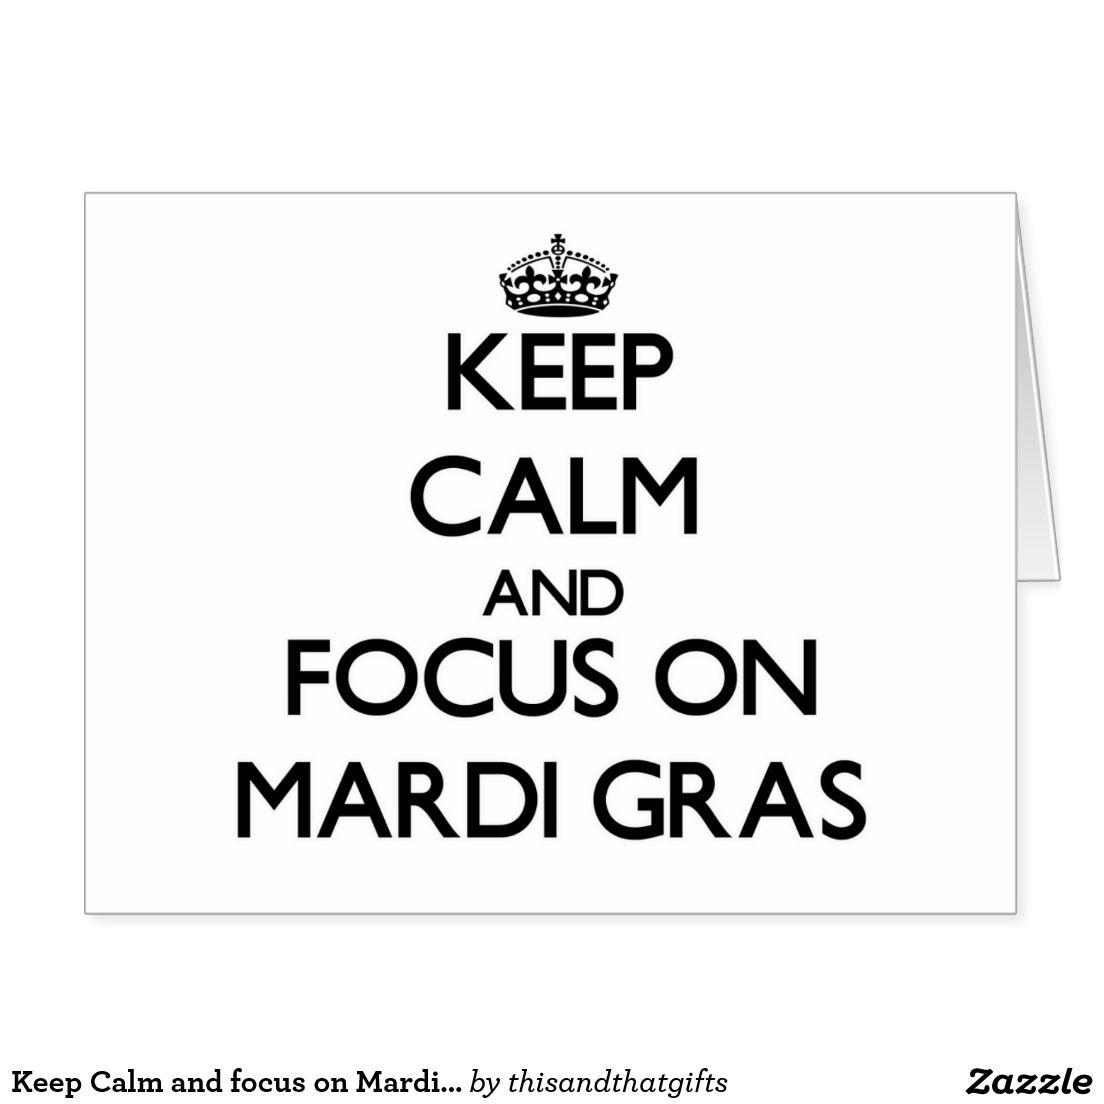 Keep Calm and focus on Mardi Gras Card